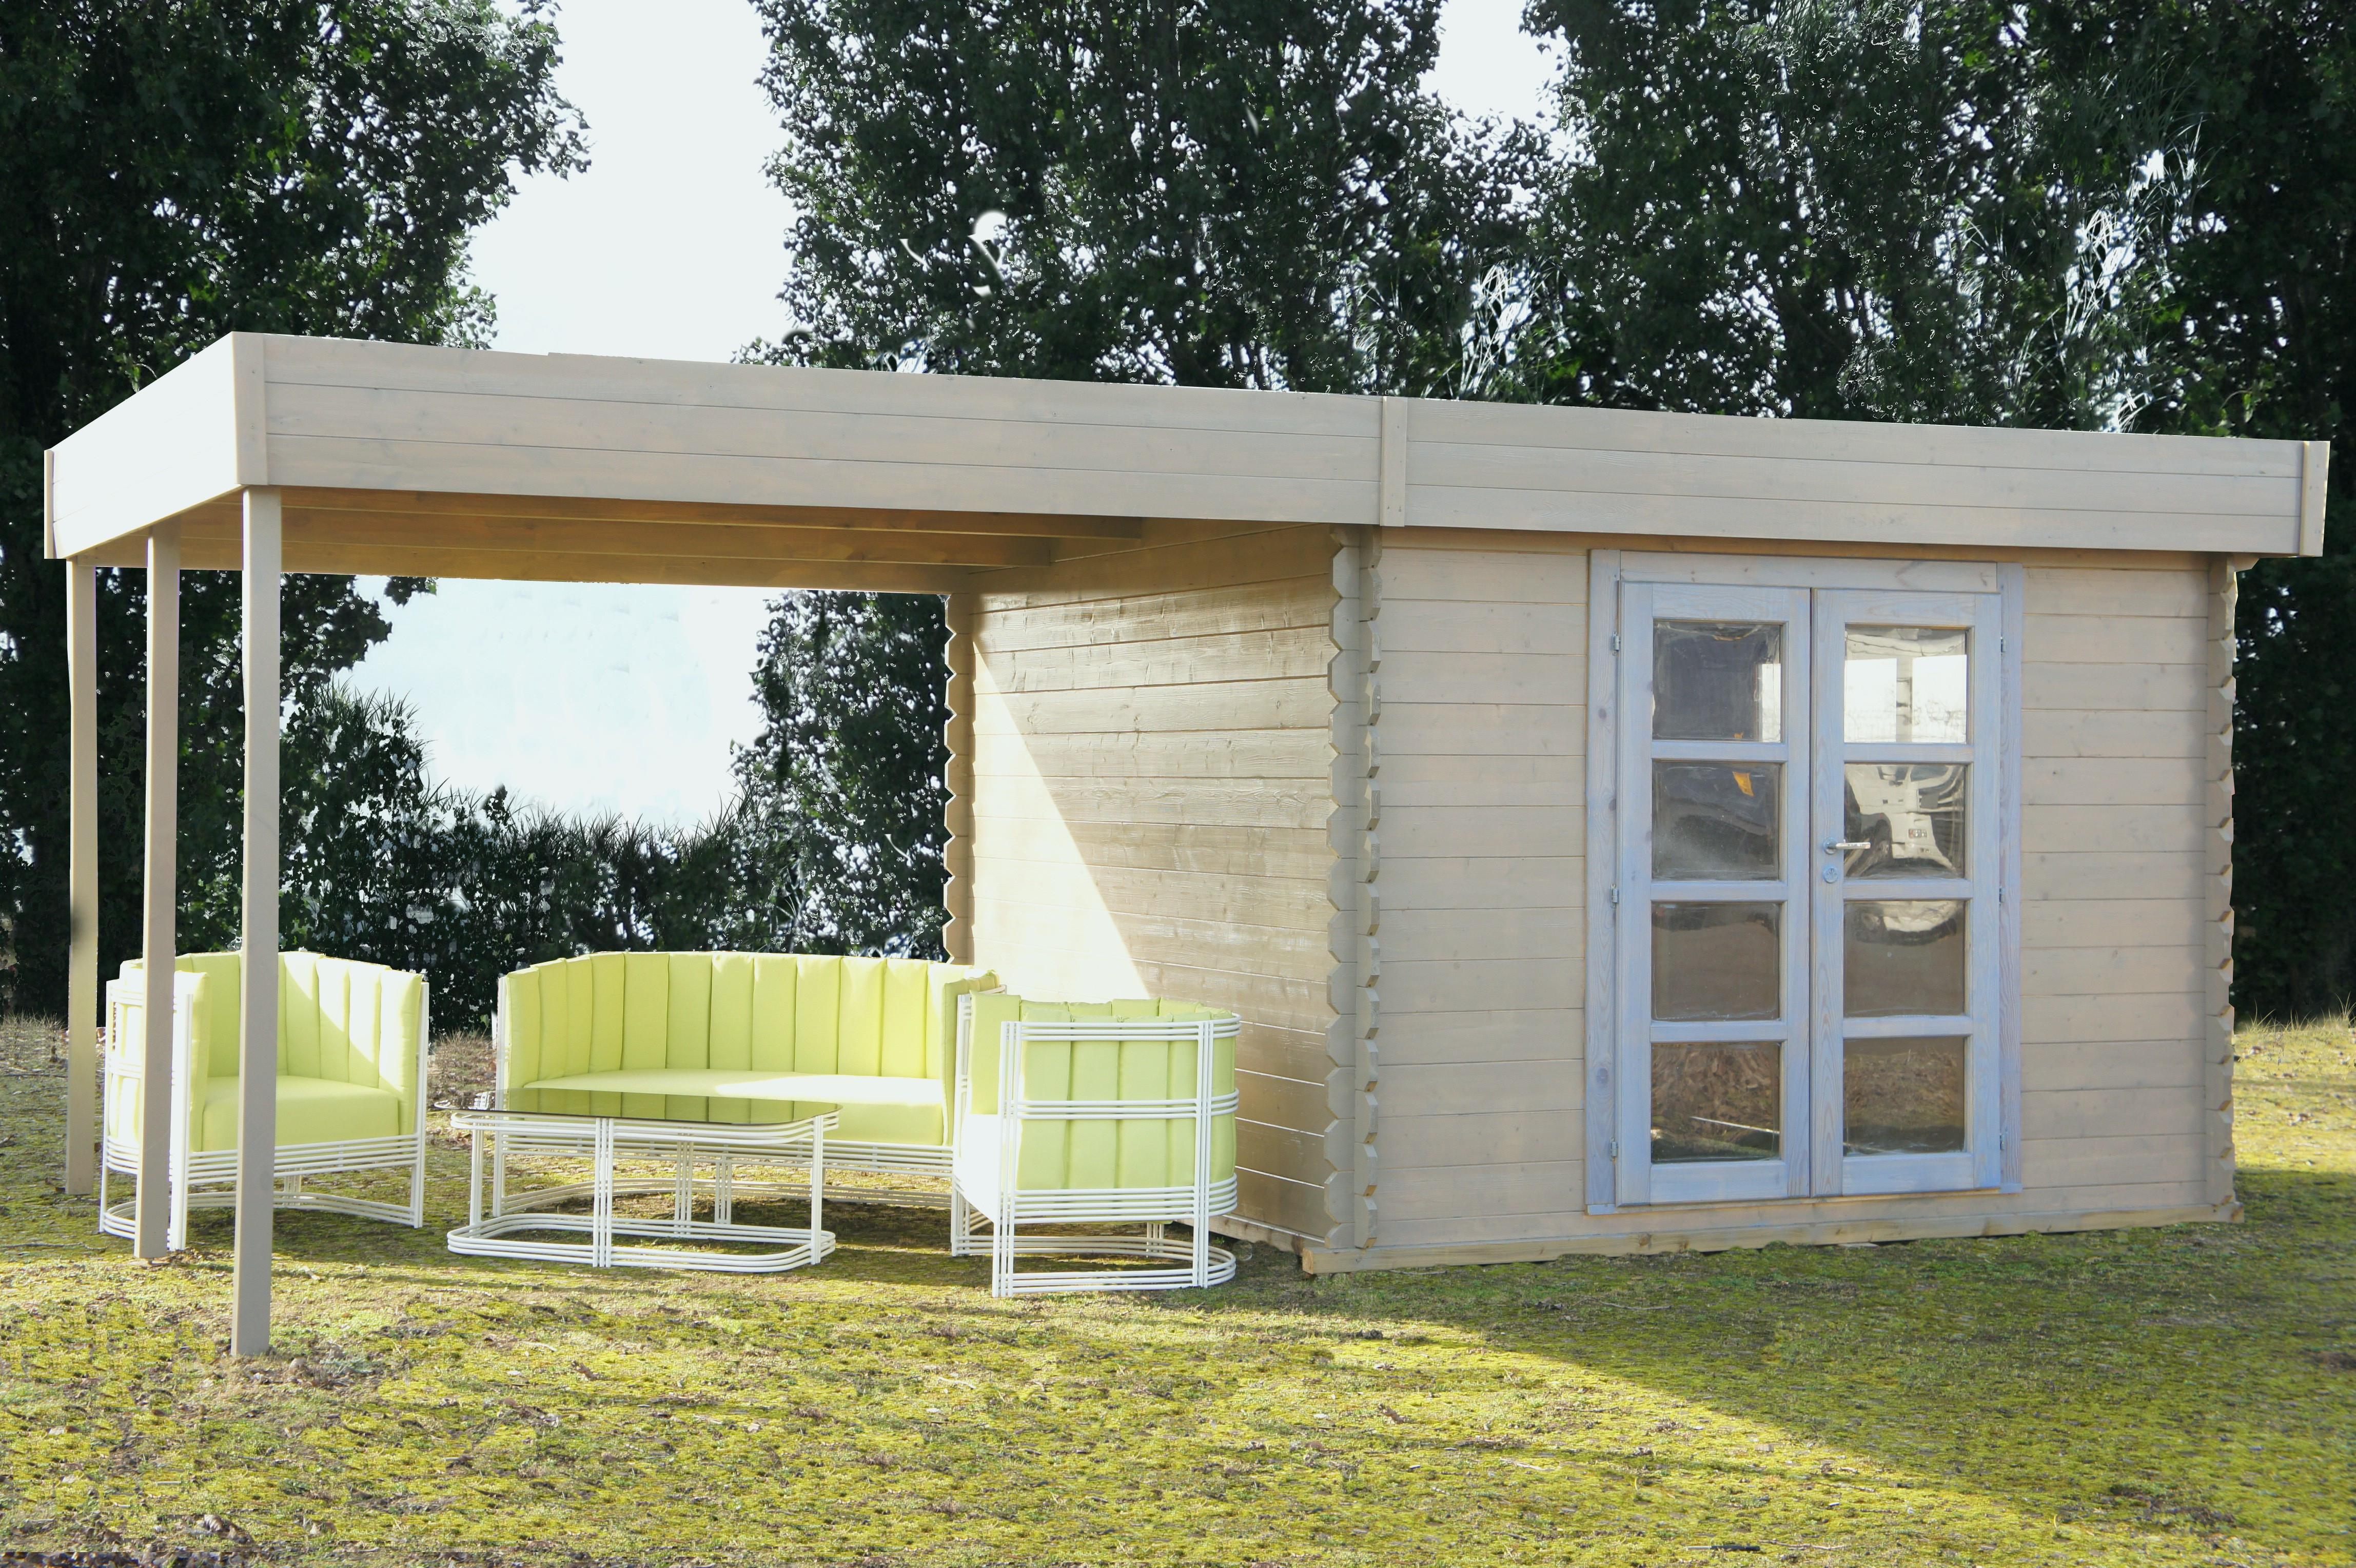 Bassin Jardin Moderne Élégant Stock Cabane De Jardin Enfant Ainsi Que Luxe Moderne Brico Depot Abri De